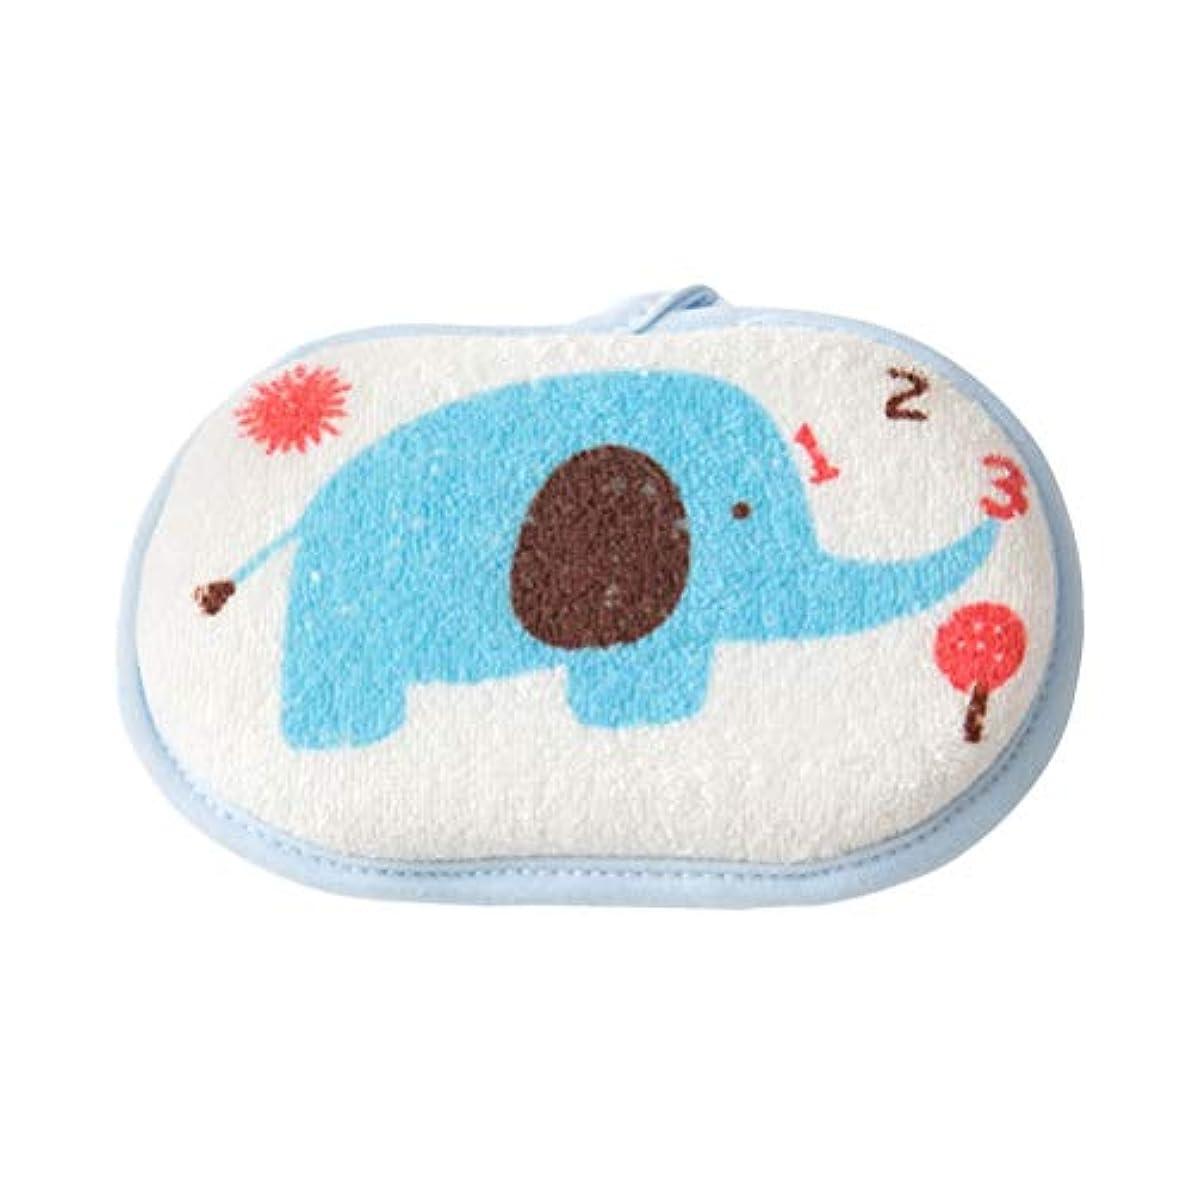 膨らませる買収突進TOPBATHY ベビーボディバススポンジ幼児用シャワーバススポンジコットンバスフォームスポンジブラシ(象風呂スポンジブルー)